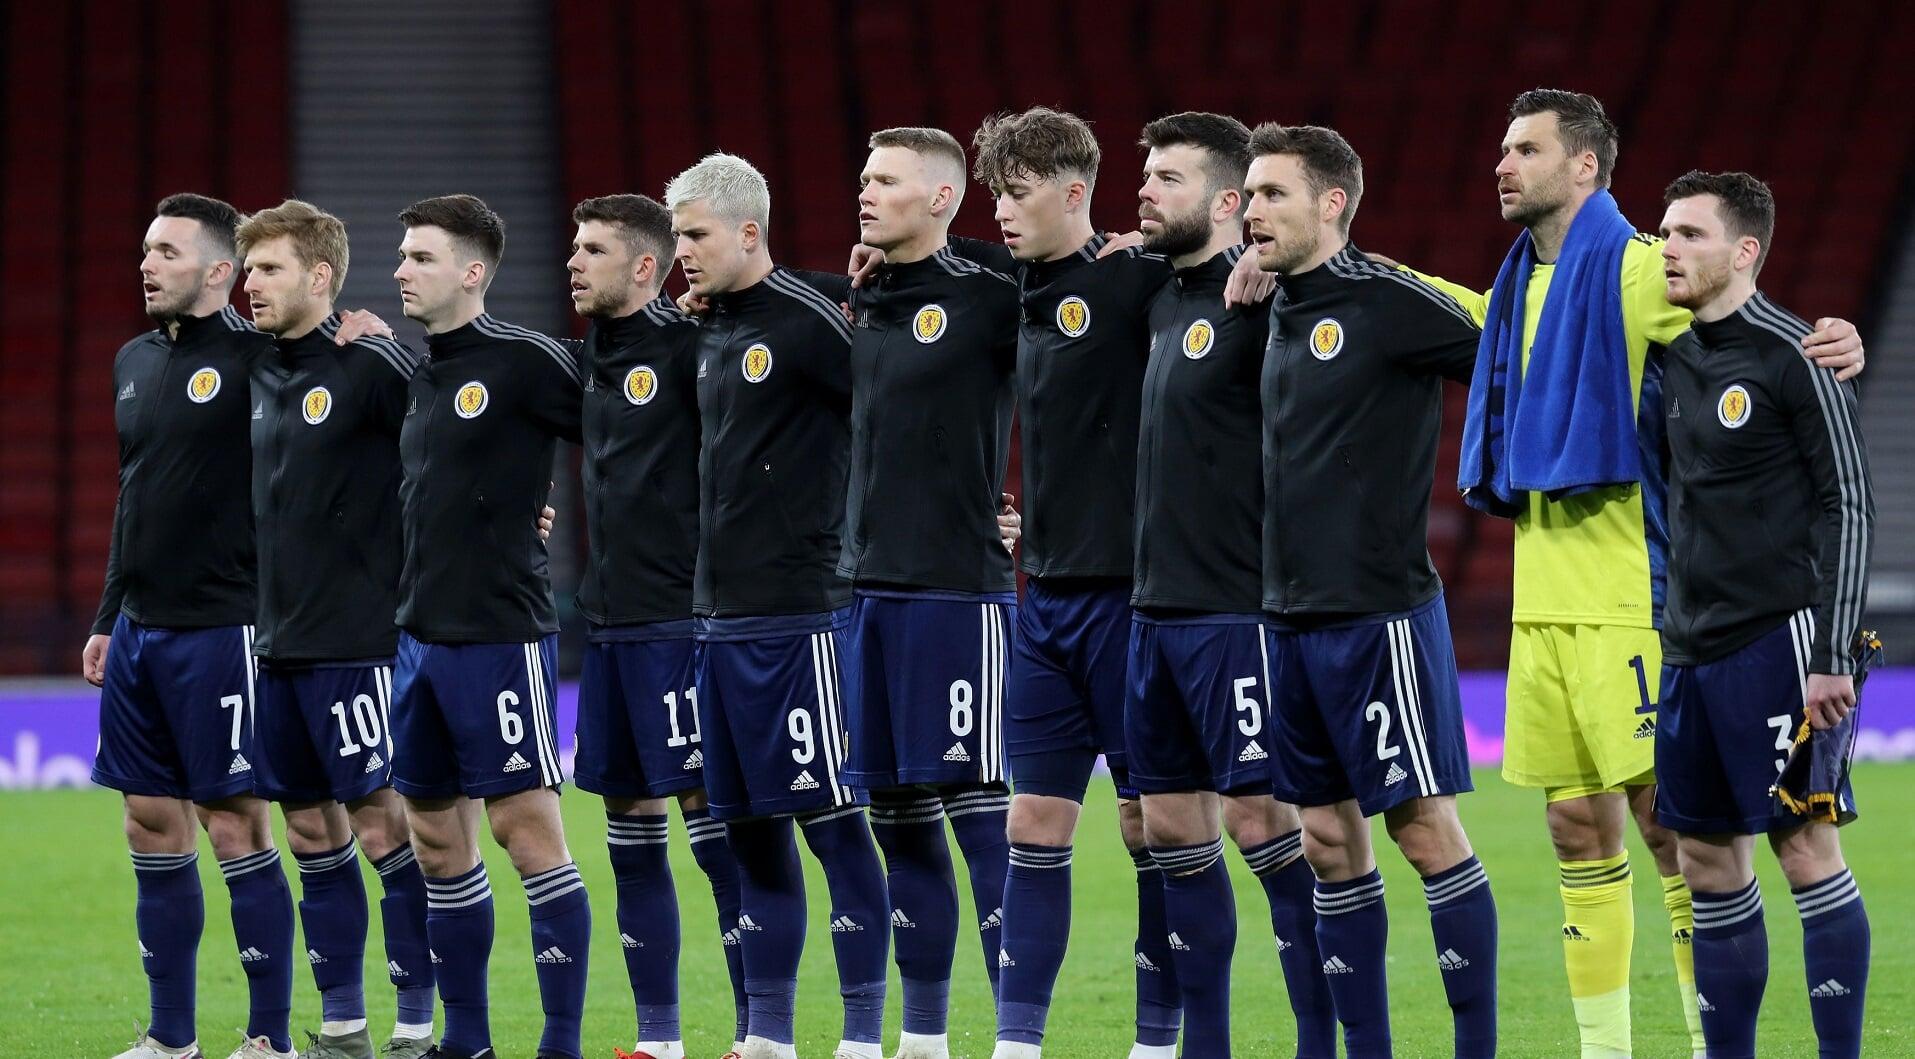 Игроки сборной Шотландии не будут вставать на колено перед матчами Евро-2020